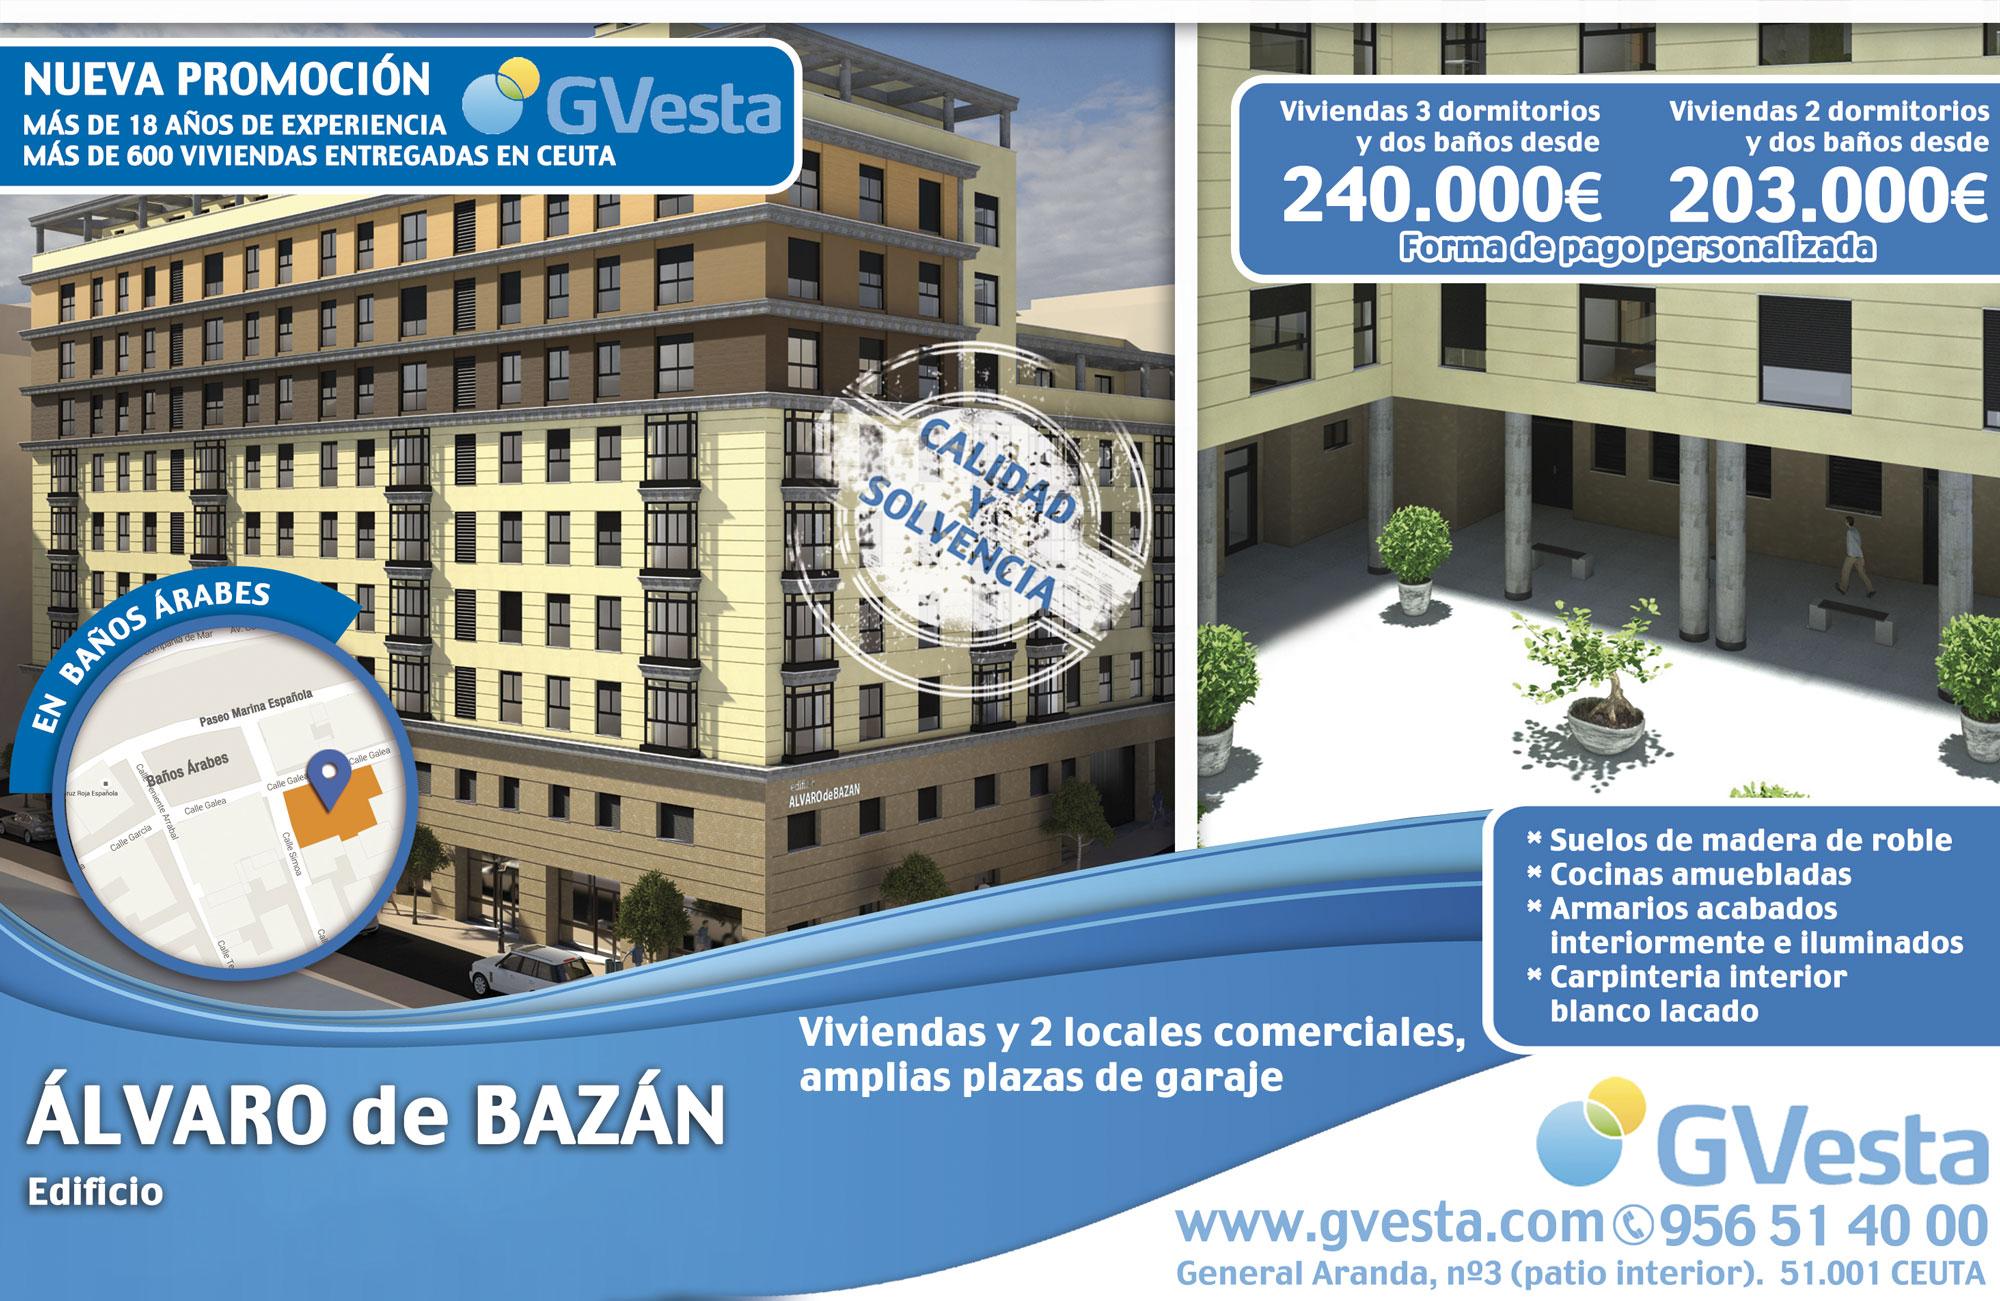 Edificio Álvaro de Bazán en Baños Árabes